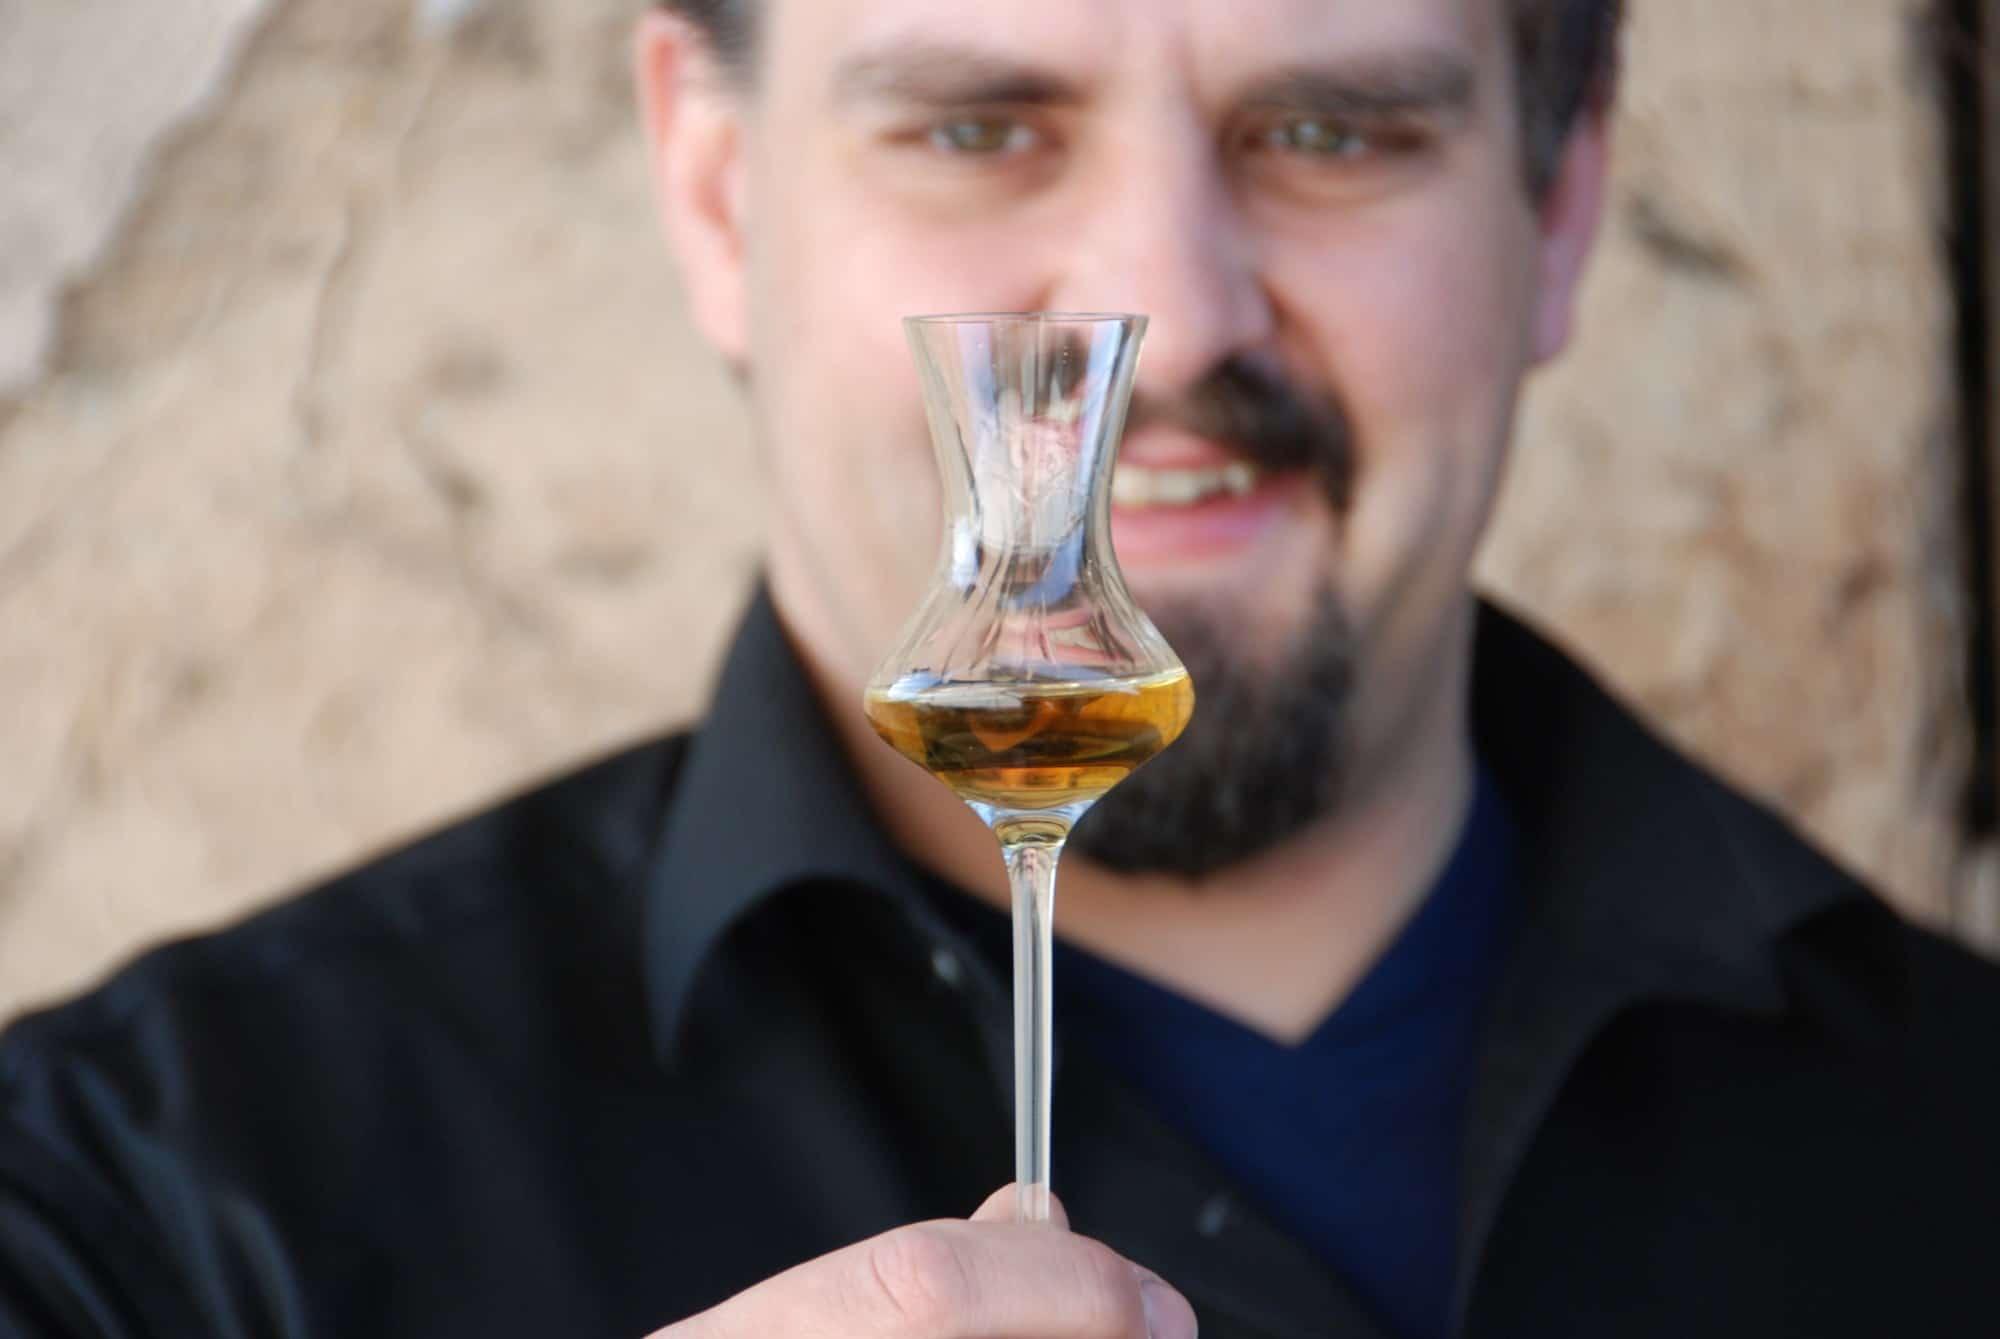 Edelbrennerei Wurth - Gin, Whisky, Liköre und Edelbrände